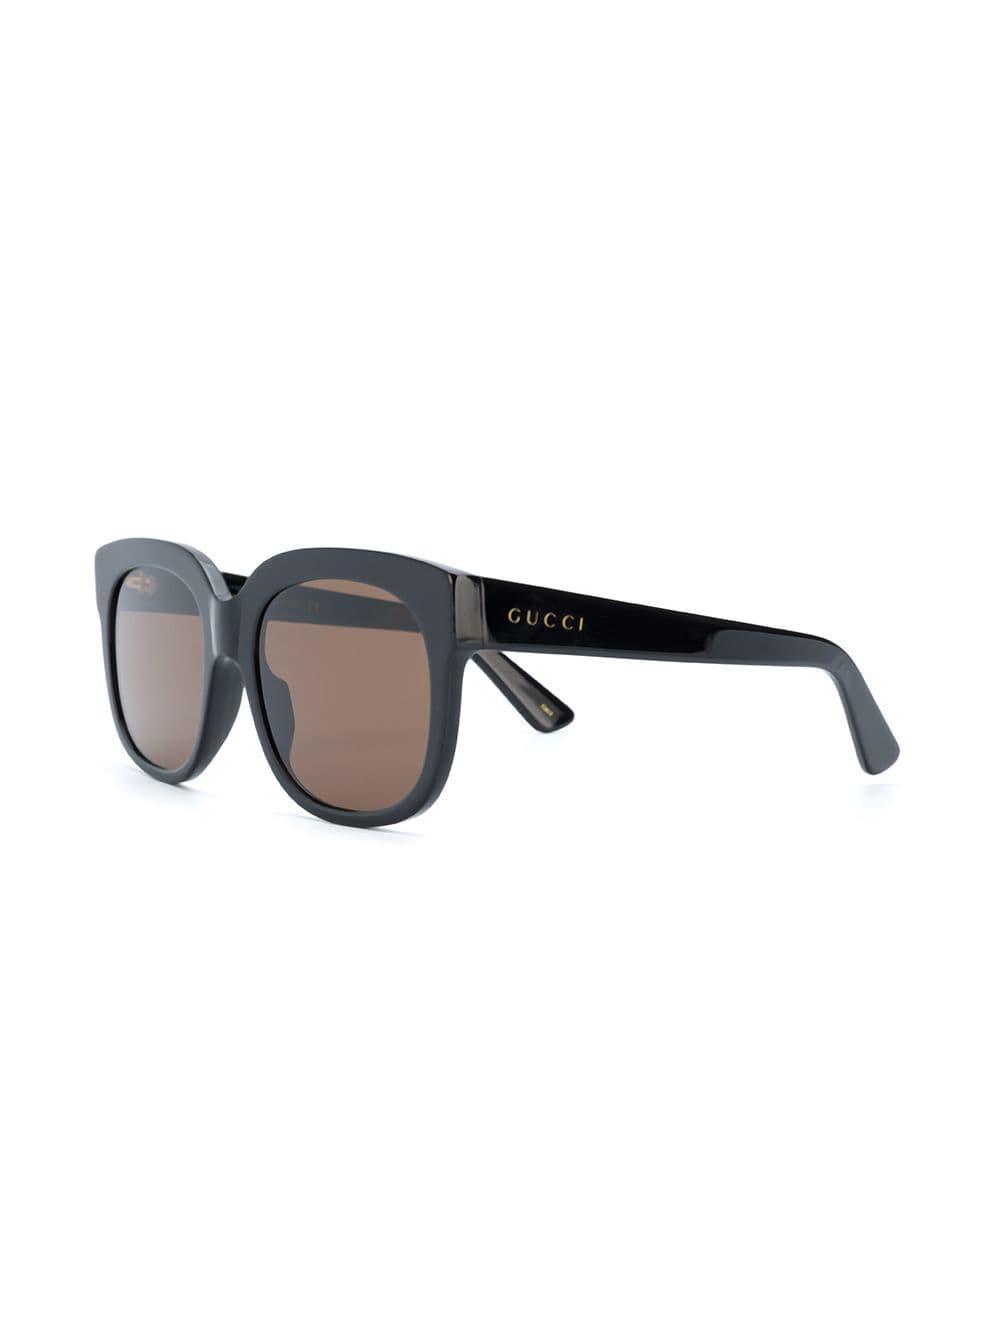 43aa901110b Gucci Square Sunglasses in Black - Lyst